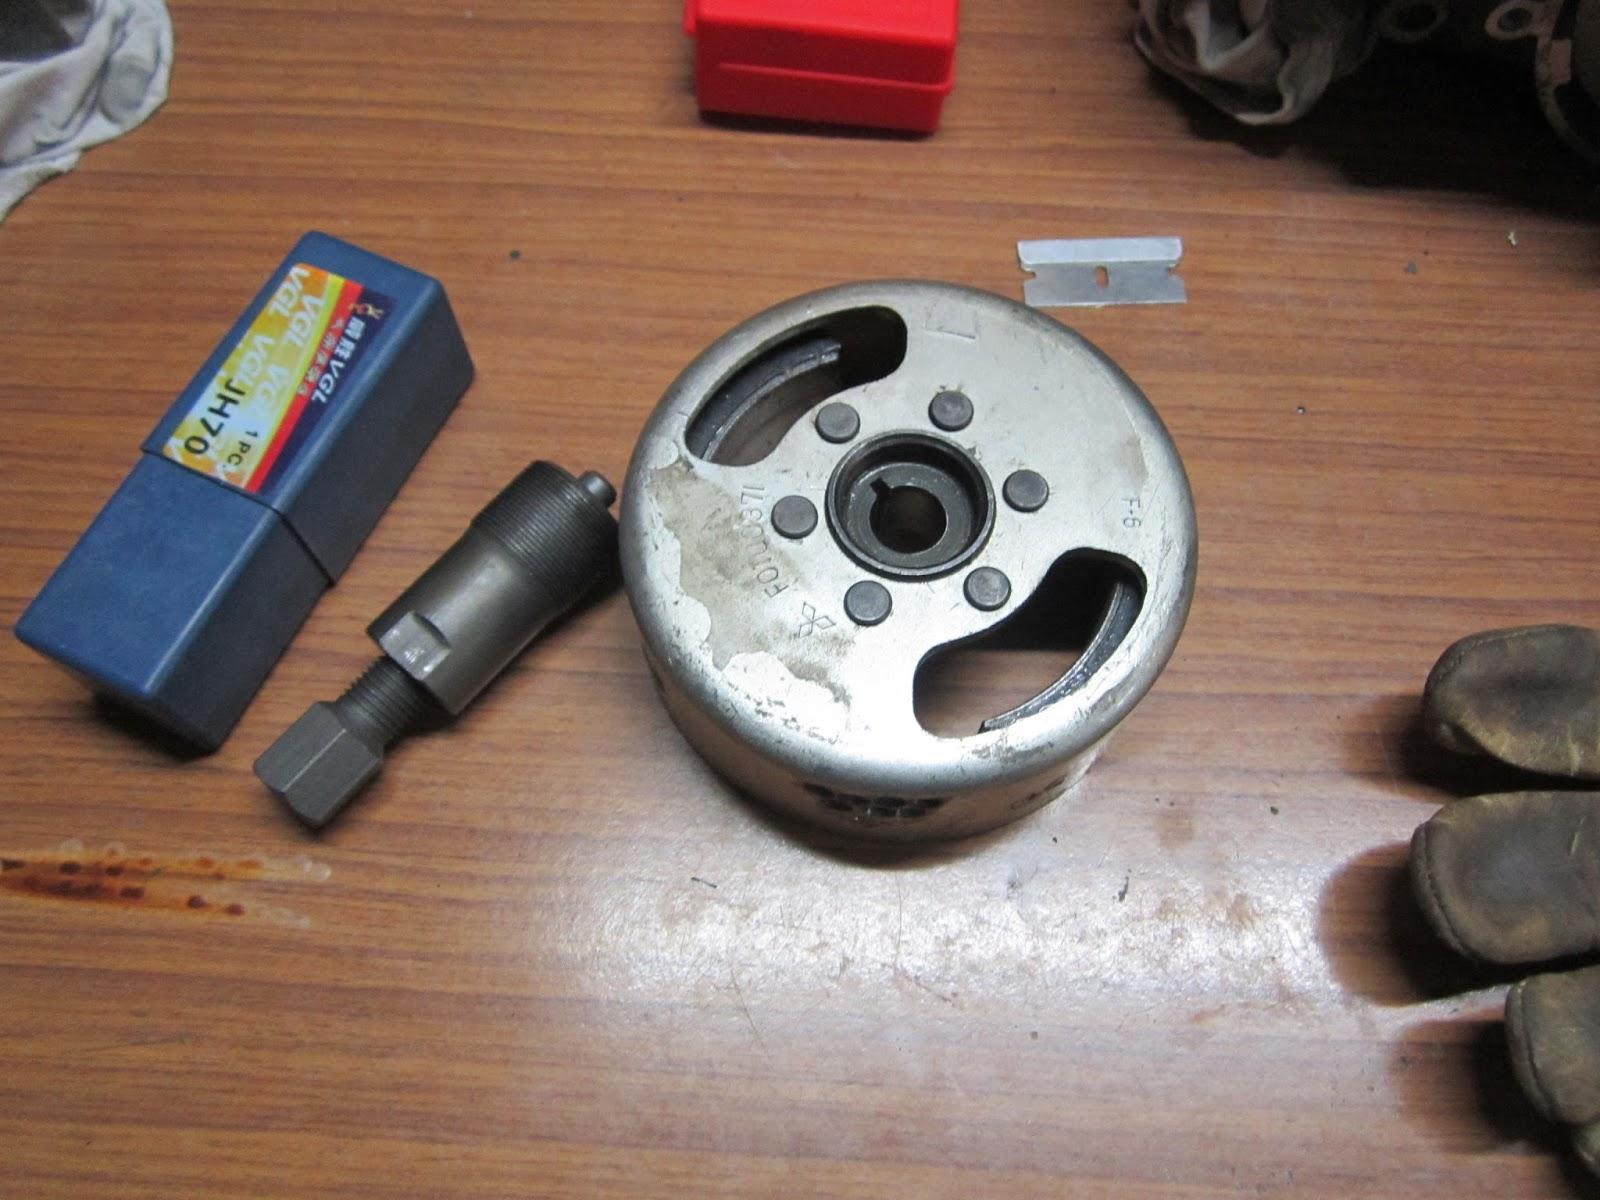 yamaha flywheel puller and flywheel yamaha ls3 [ 1600 x 1200 Pixel ]